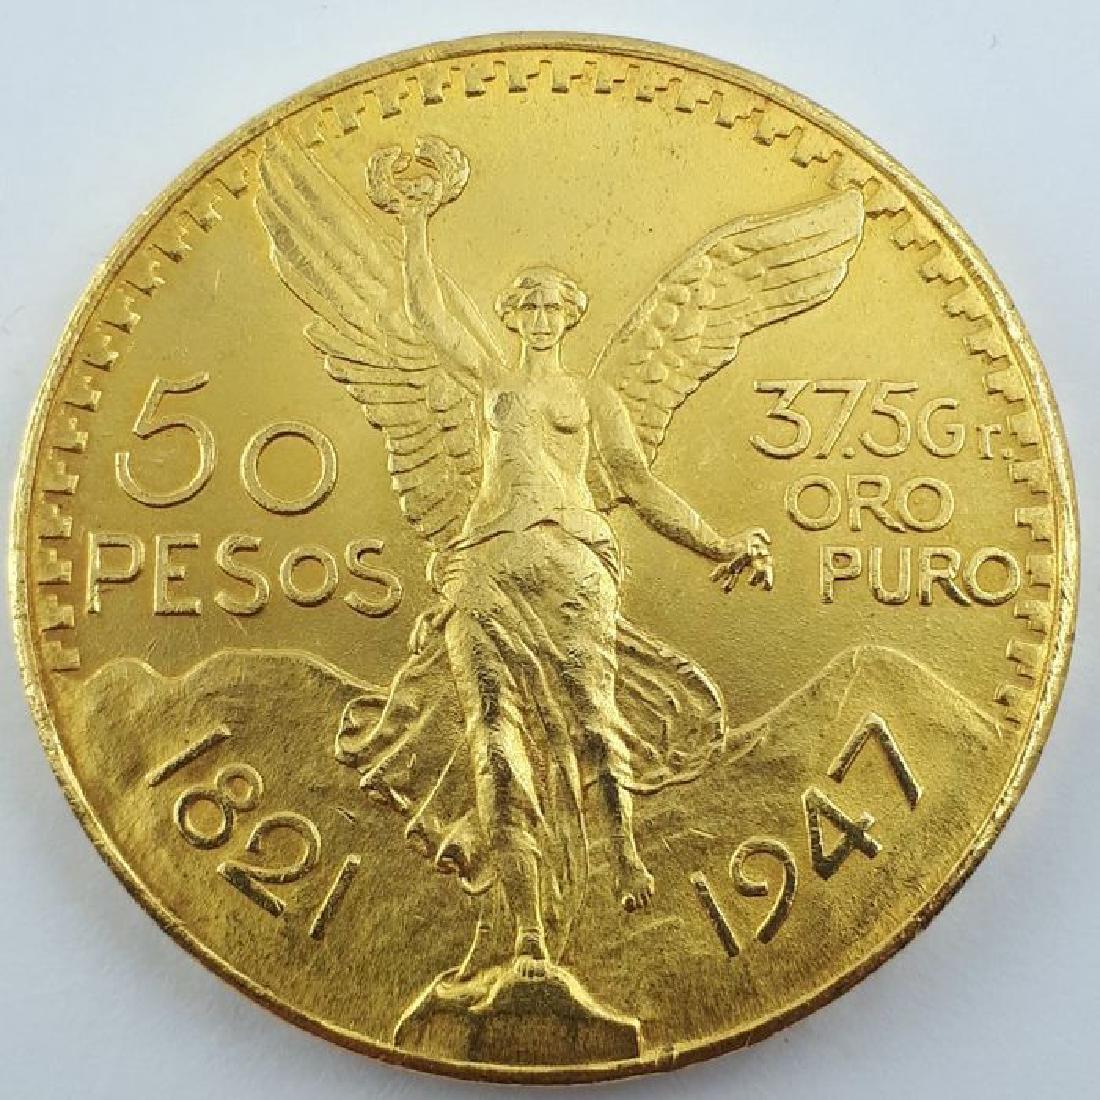 Mexico - 50 Pesos 1947 - Gold